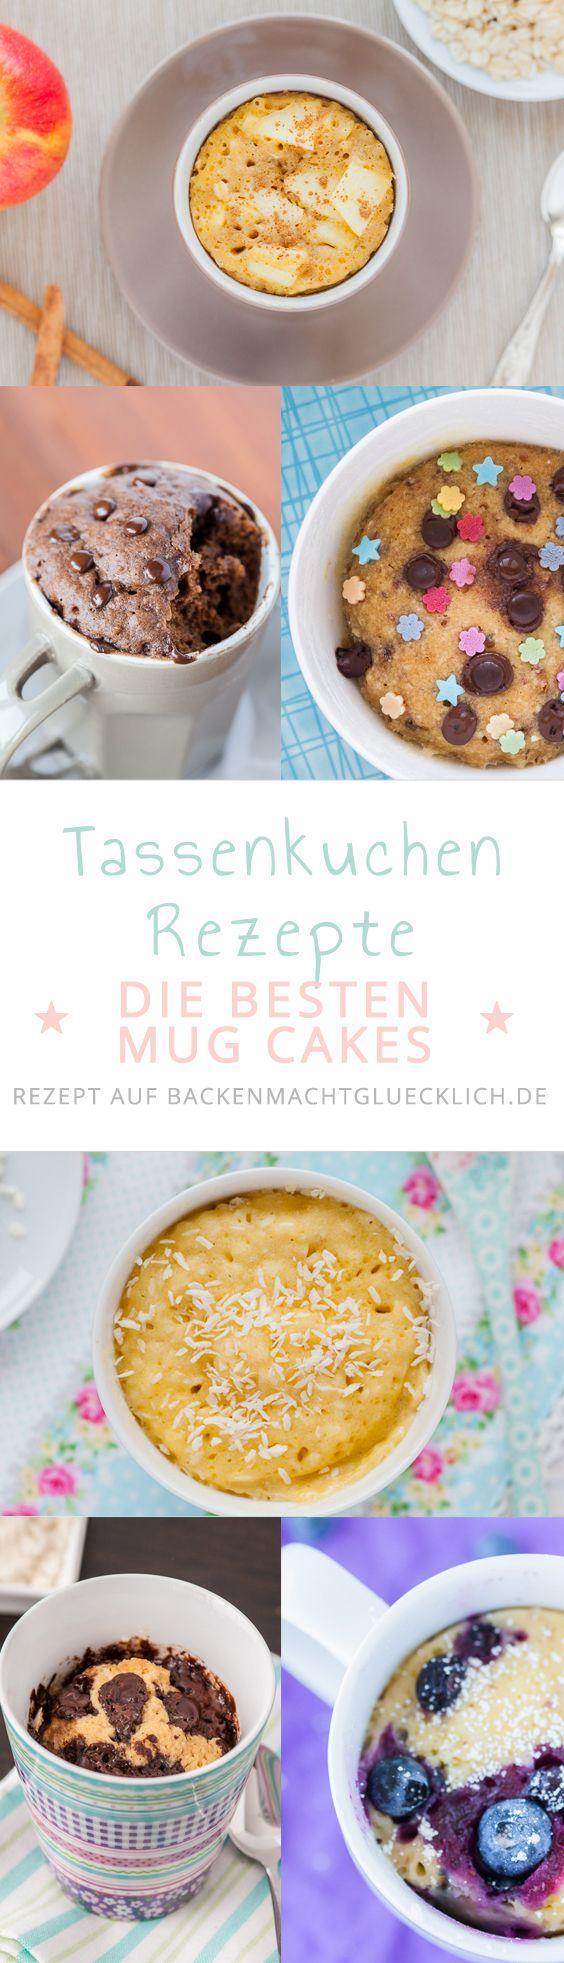 Hier gibt´s die besten Tassenkuchen-Rezepte! Für alle, die Lust auf Kuchen haben, aber keine Zeit. Unsere Mug Cakes sind alle innerhalb von 5 Minuten fertig. Und weil es sich um Mikrowellen-Kuchen handelt, braucht ihr nicht einmal einen Ofen. In der Tassenkuchen-Sammlung findet ihr u.a. Schokokuchen aus der Tasse, Tassenkuchen mit Kokos, Apfel-Tassenkuchen, Low Carb Mug Cakes und Co | www.backenmachtgluecklich.de